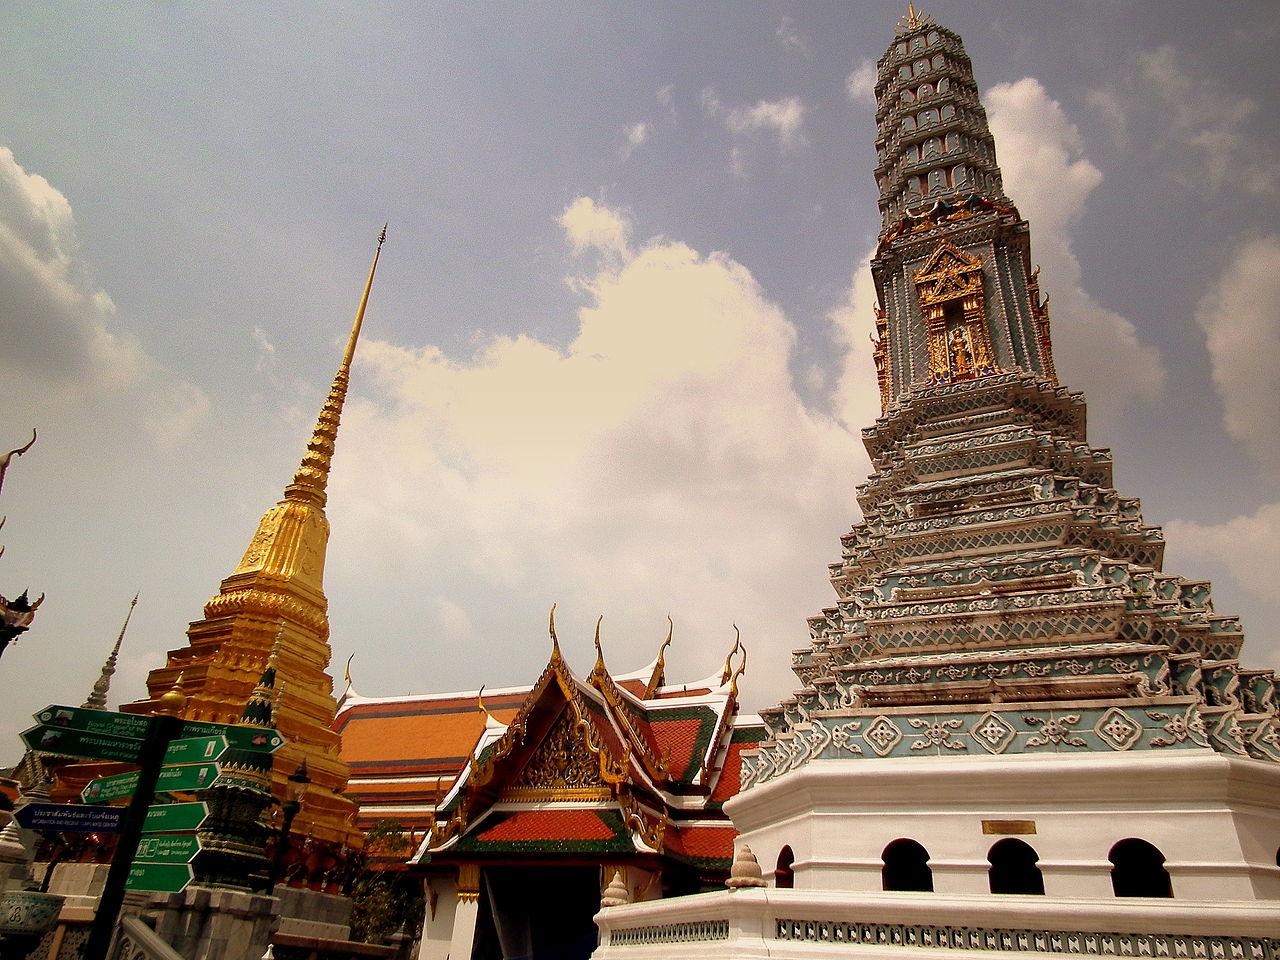 GRAND_PALACE_BANGKOK_THAILAND_FEB_2012_(7013958817)